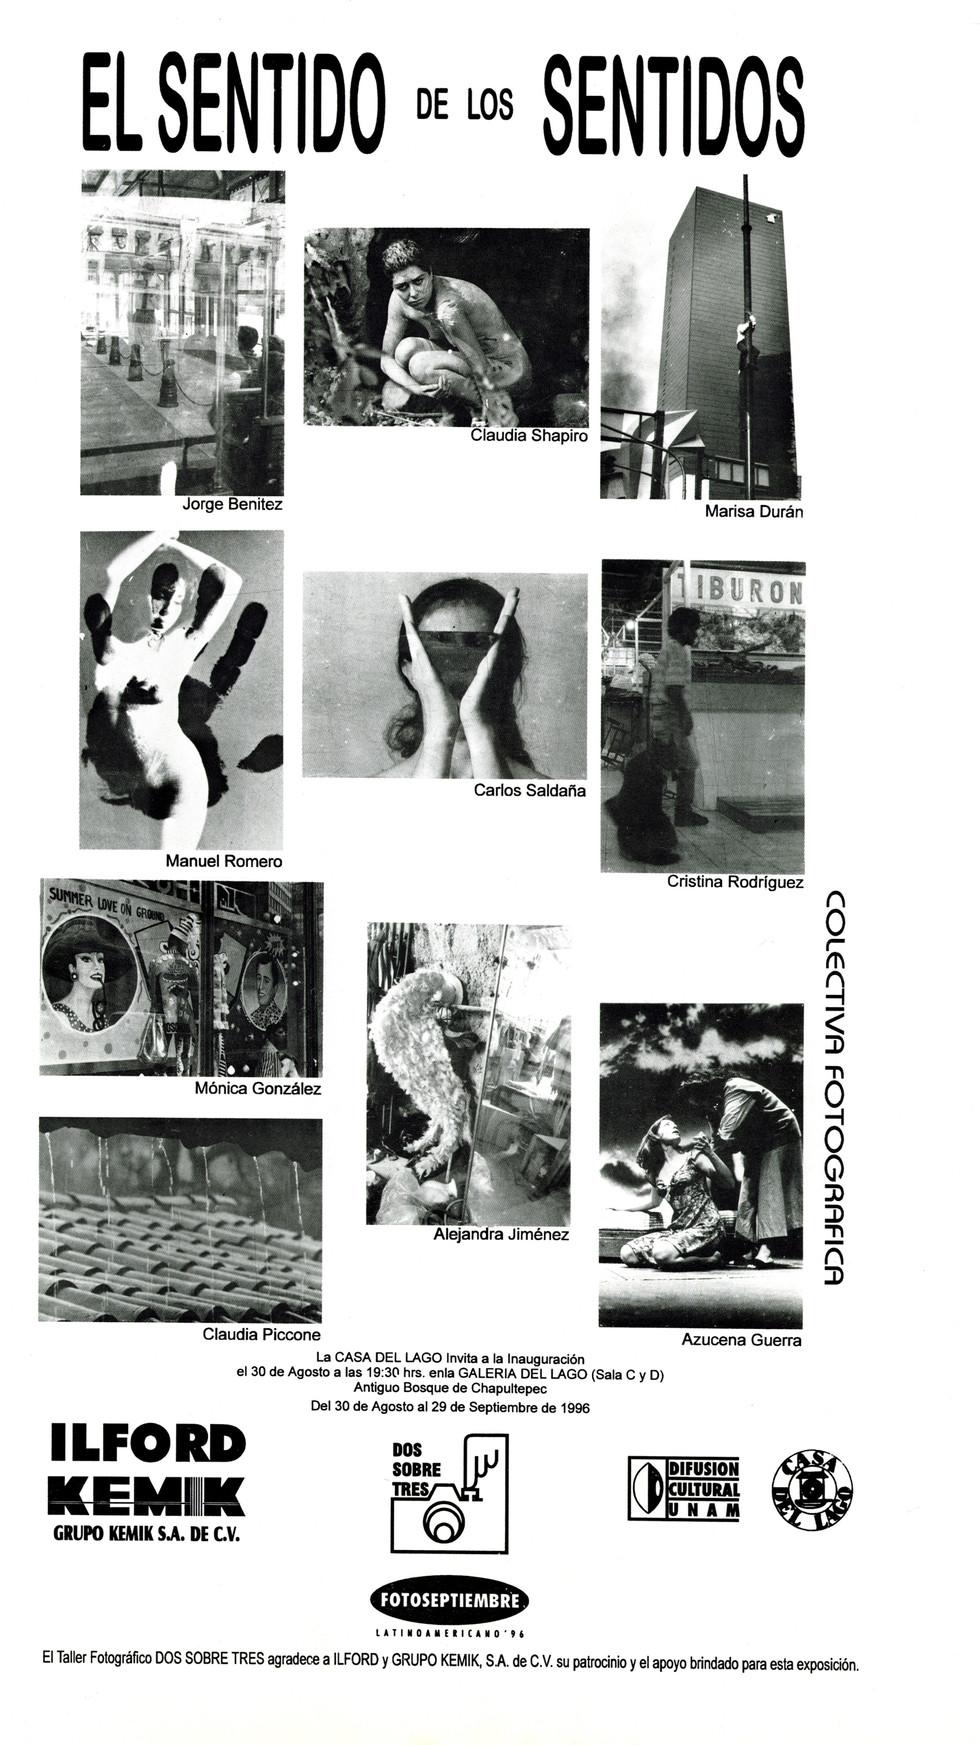 Claudia Shapiro, Flyer, 1996/08/30, El Sentido De Los Sentidos, Casa Del Lago